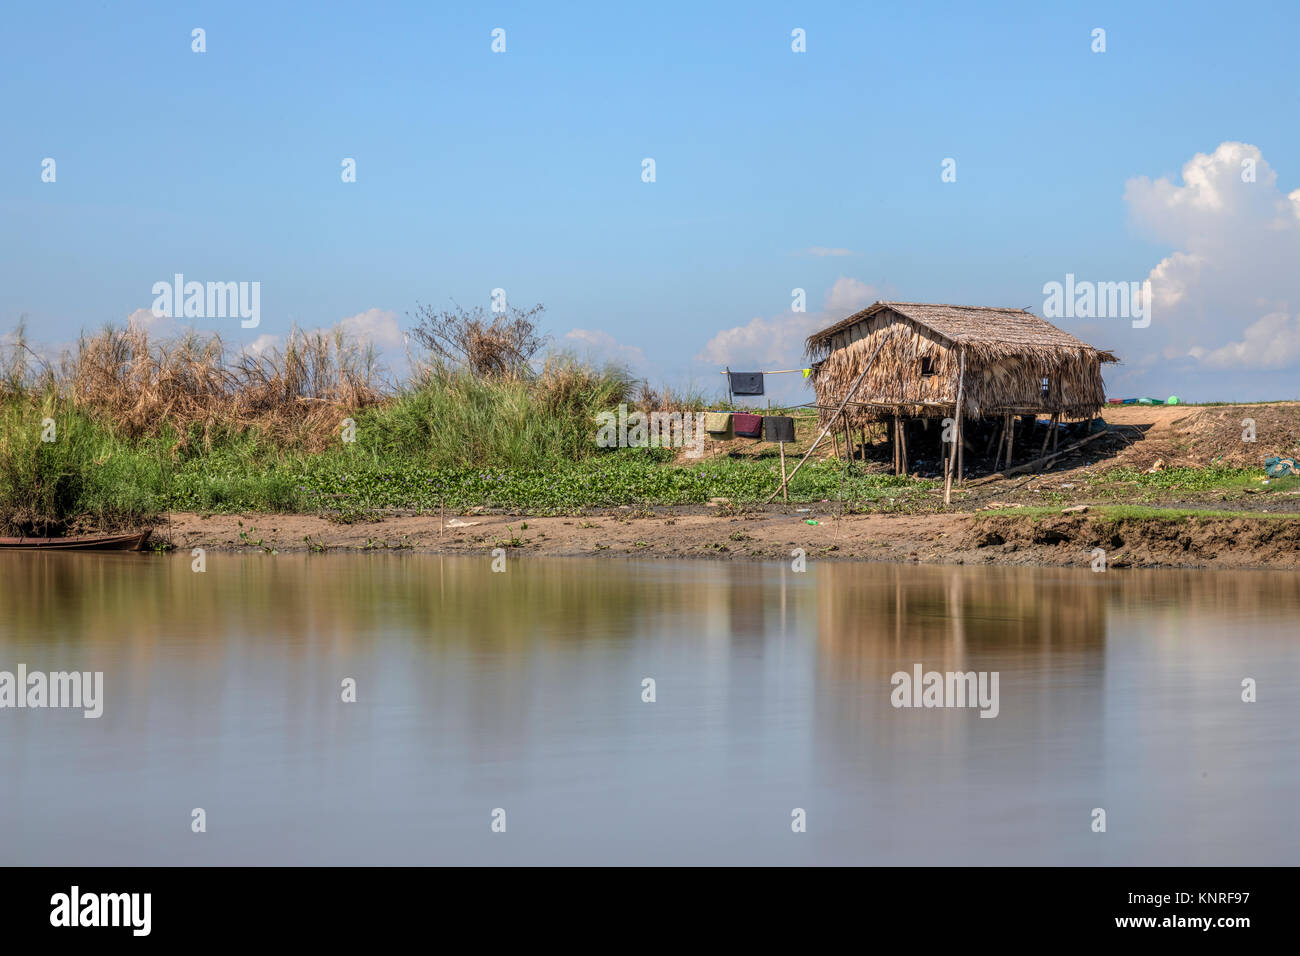 rural life in Bago, Myanmar - Stock Image